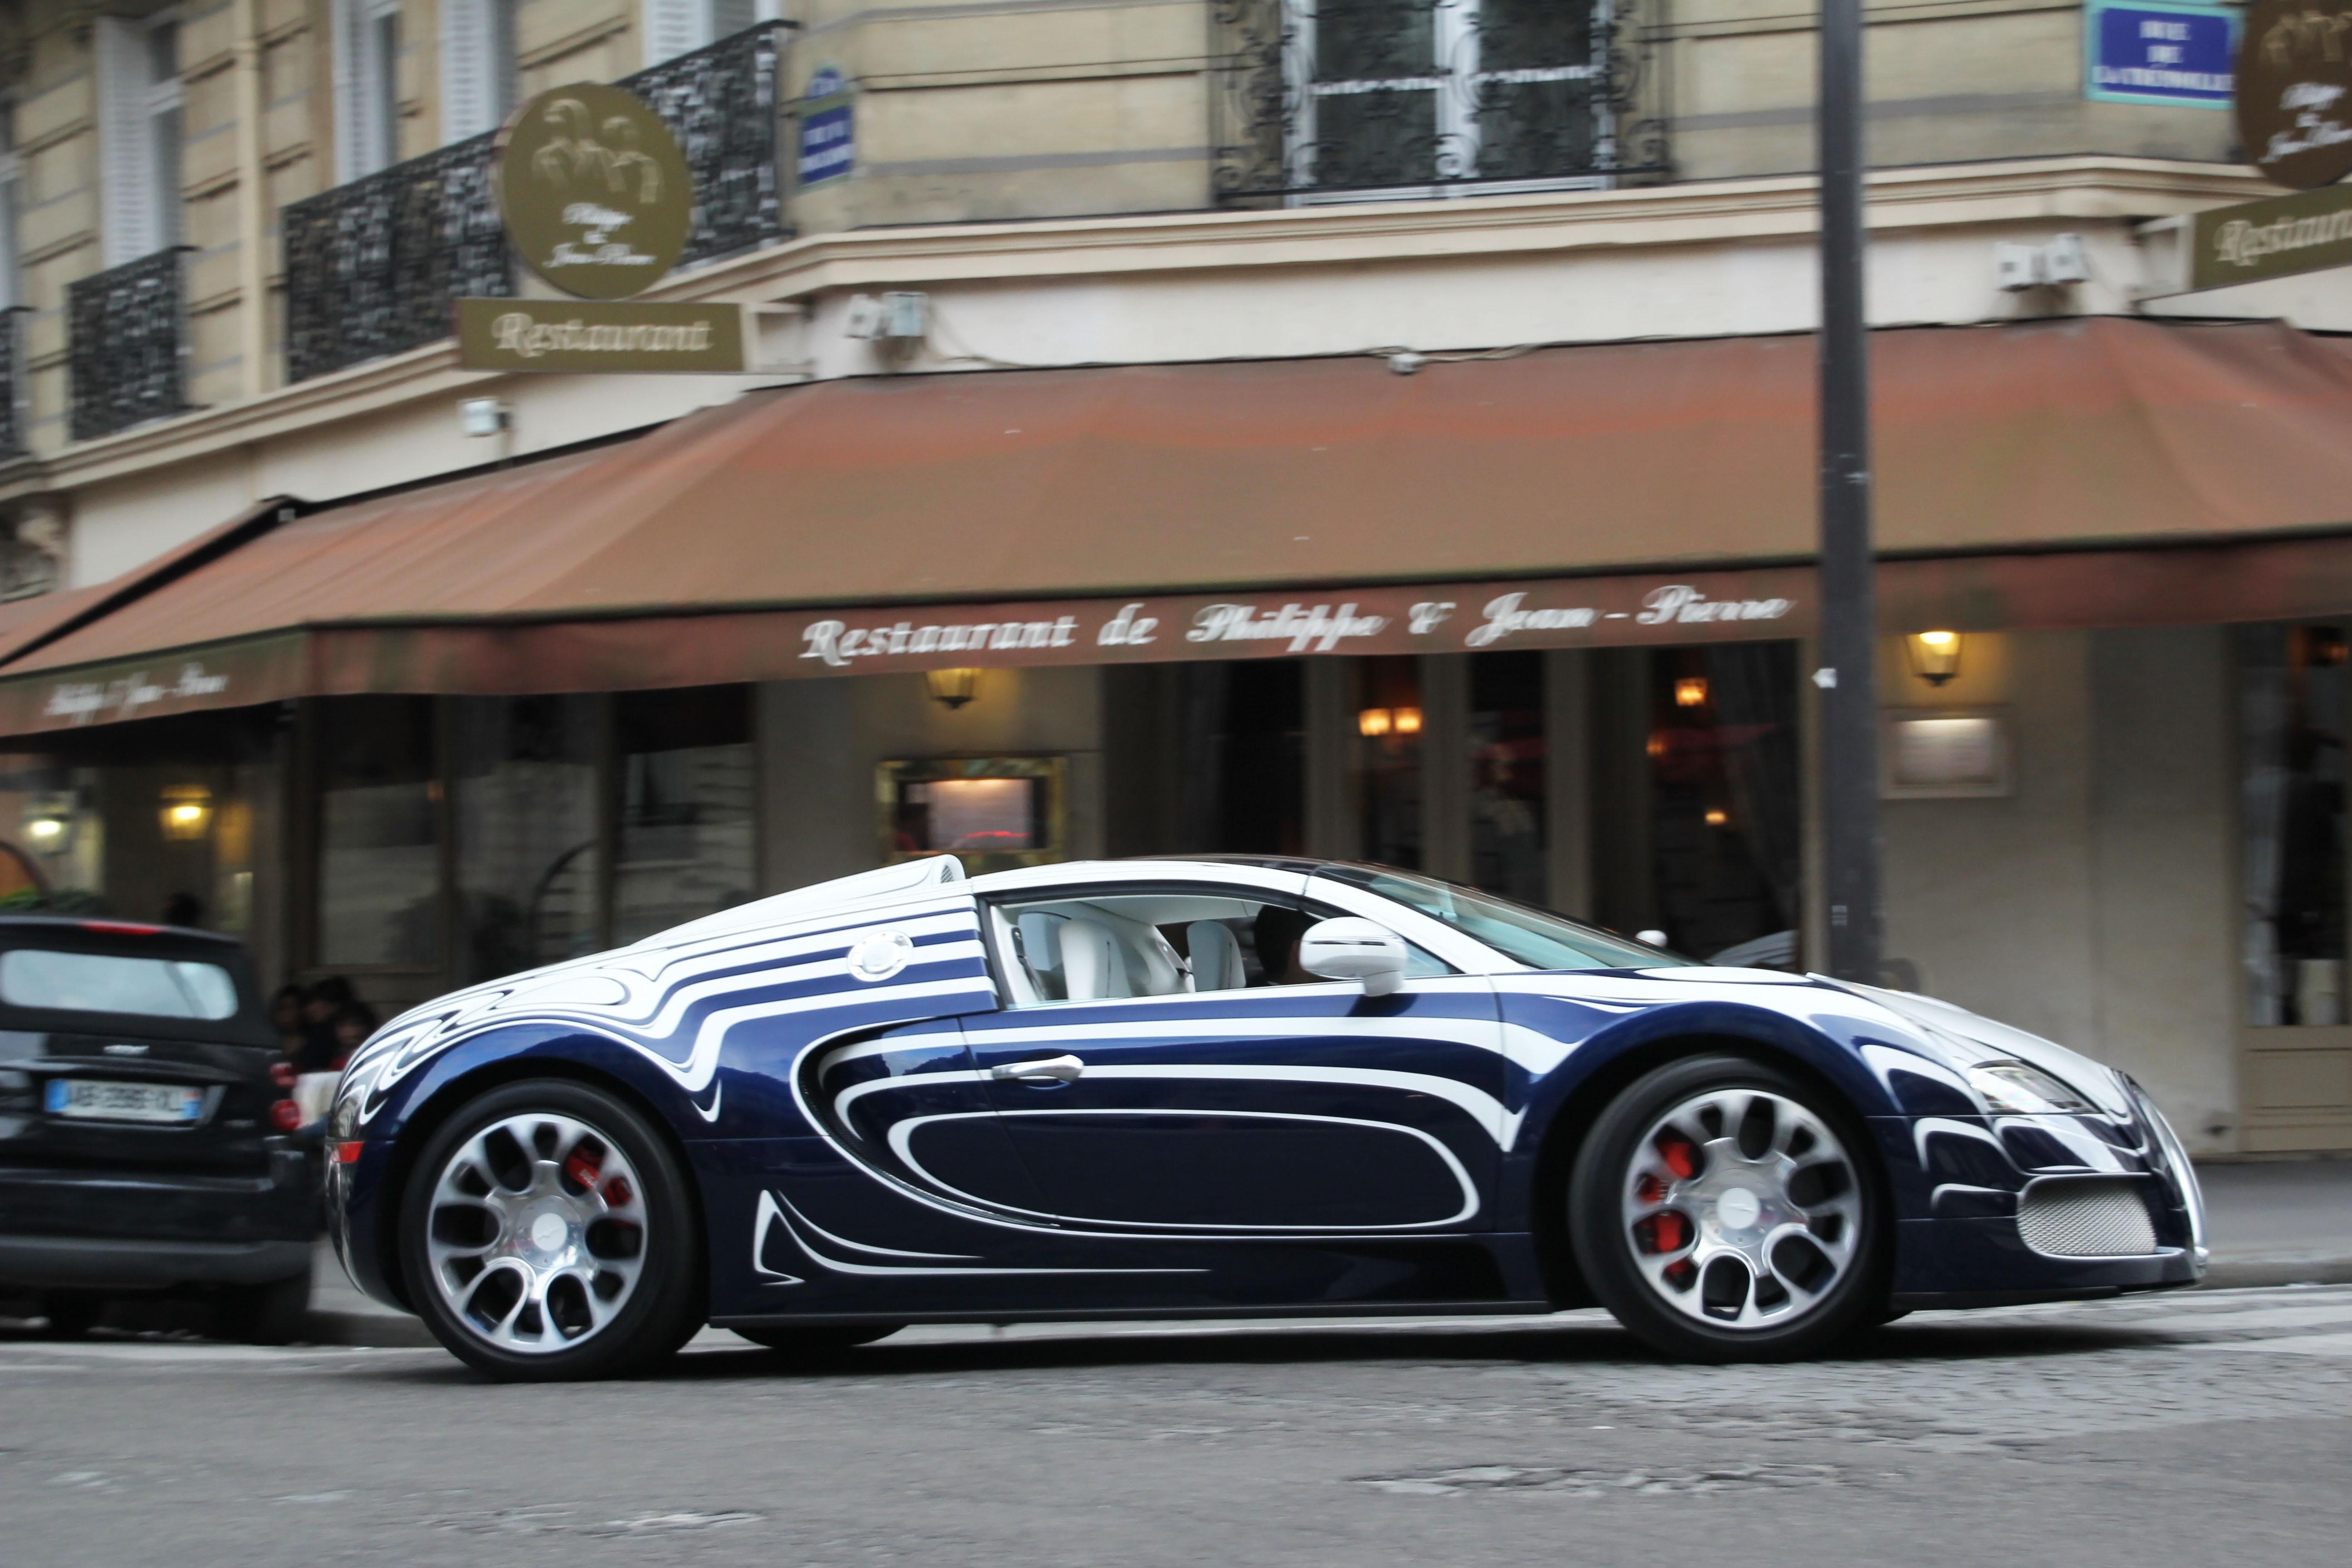 Wallpaper Girls Summer Money Paris France Cute Sexy Cars